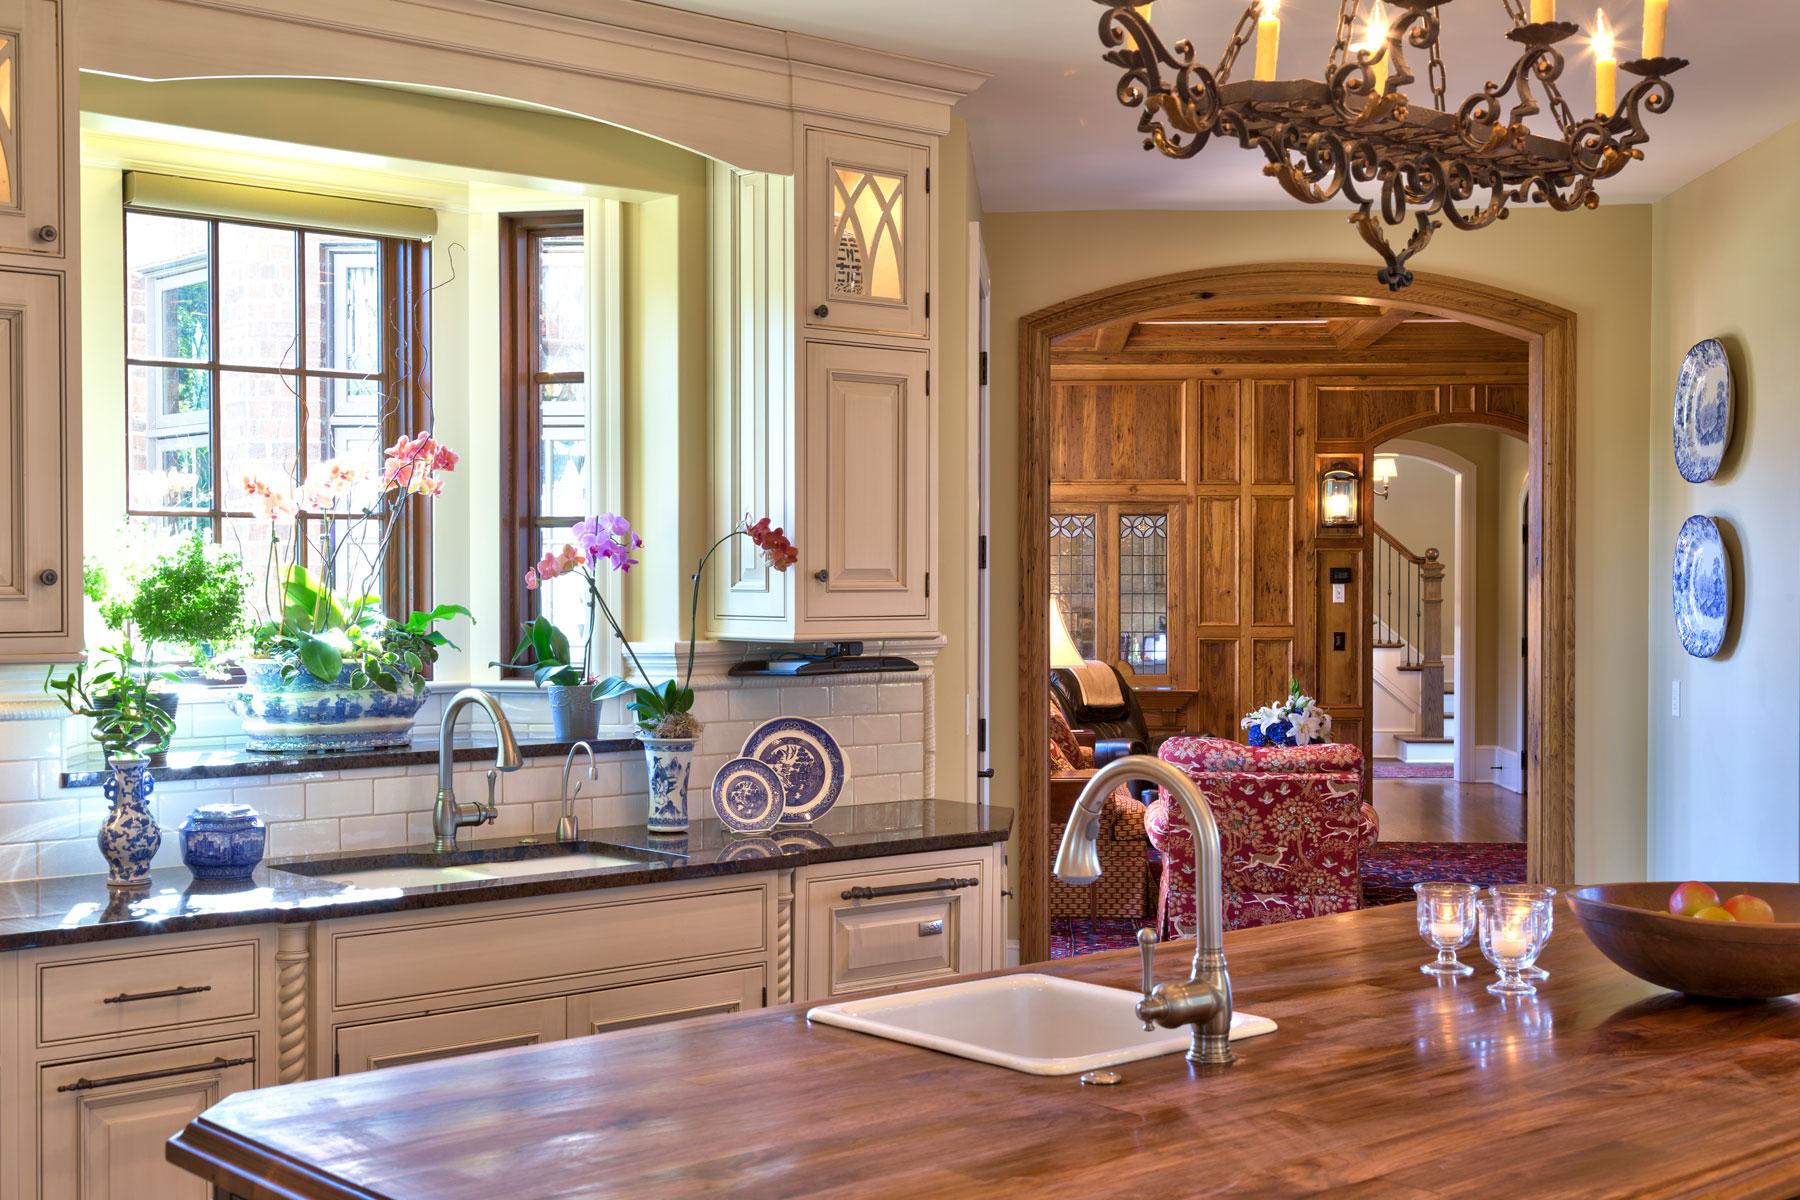 kitchen-view-to-den